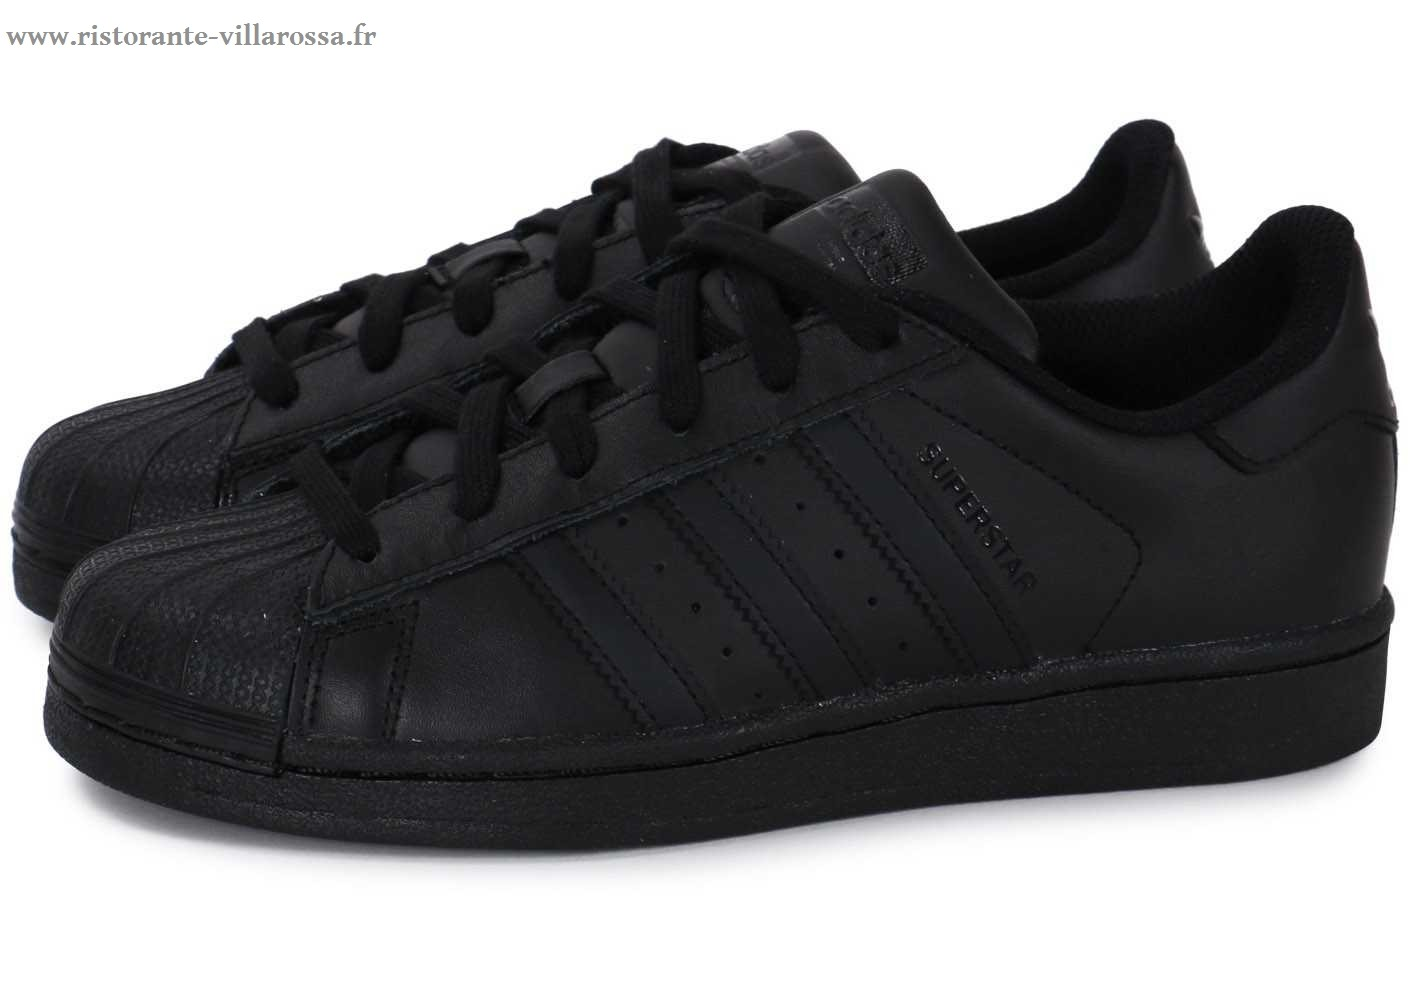 taille 40 30434 fdaab adidas superstar foundation noir femme